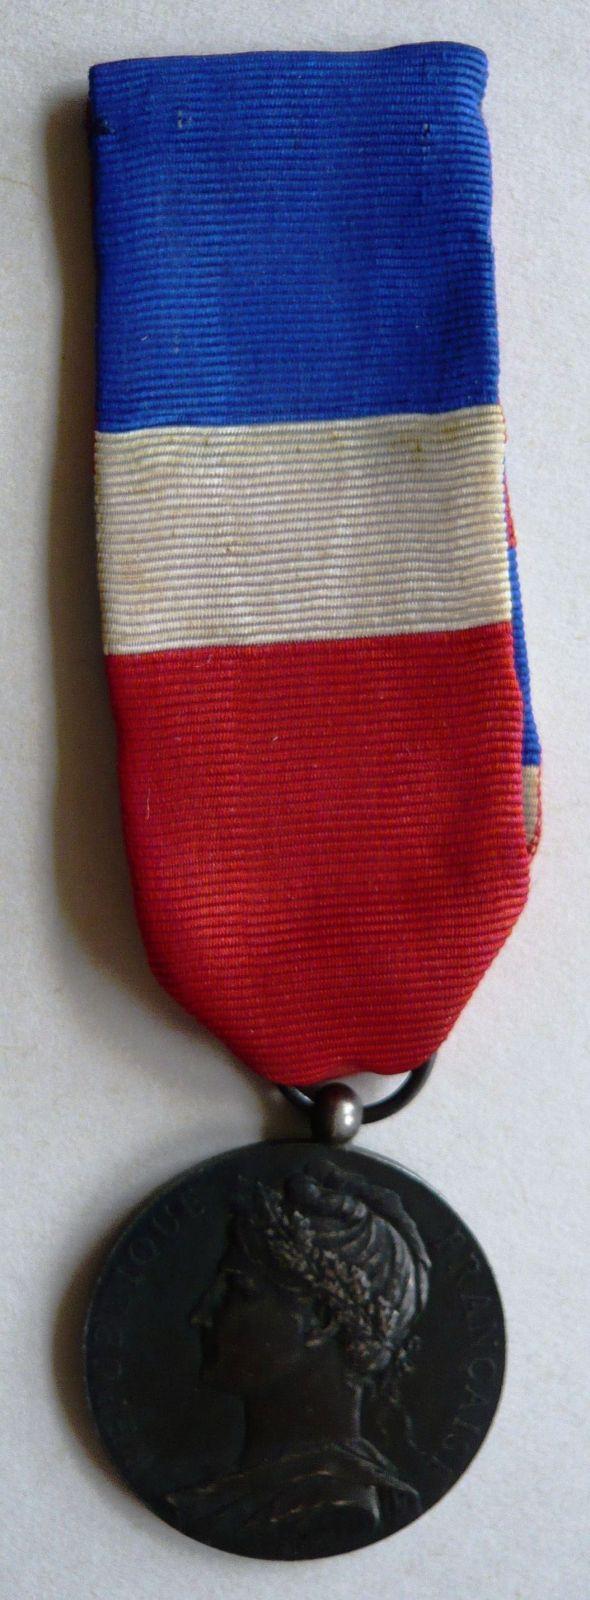 Francie záslužná medaile min.obchodu 1927